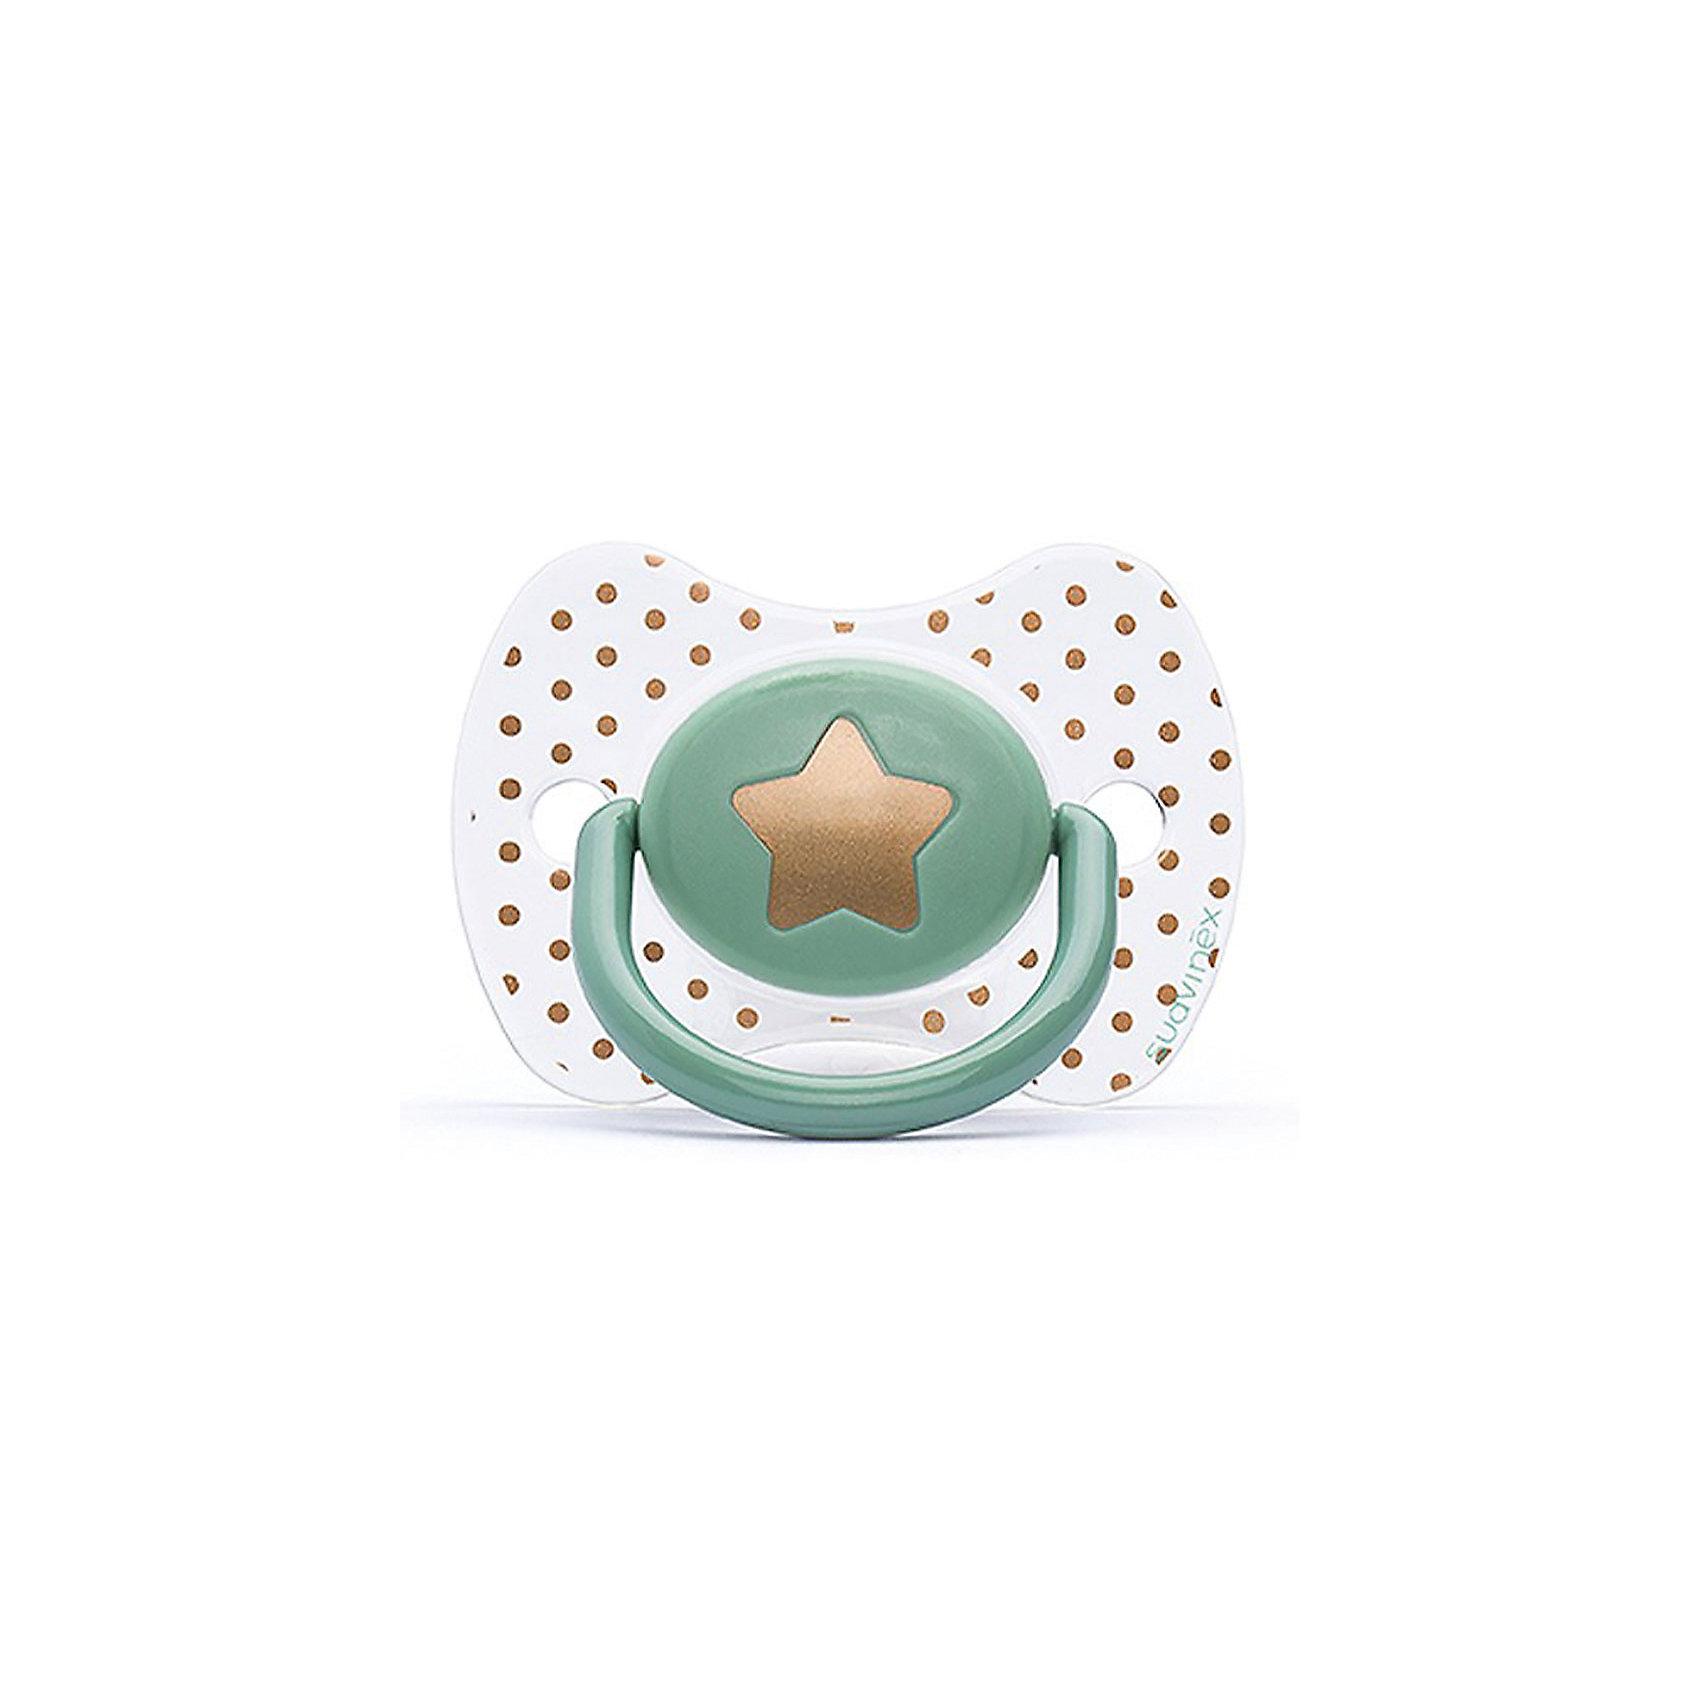 Пустышка силиконовая Haute Couture, от 4 мес, Suavinex, зеленый звездаПустышки и аксессуары<br>Характеристики:<br><br>• Наименование: пустышка<br>• Рекомендуемый возраст: от 0 до 4 месяцев<br>• Пол: универсальный<br>• Материал: силикон, пластик<br>• Цвет: зеленый, белый, золотистый<br>• Рисунок: звезда, горошинки<br>• Форма: физиологическая<br>• Наличие вентиляционных отверстий <br>• Кольцо для держателя<br>• С эффектом позолоты<br>• Вес: 31 г<br>• Параметры (Д*Ш*В): 6,1*6,1*9,1 см <br>• Особенности ухода: можно мыть в теплой воде, регулярная стерилизация <br><br>Пустышка Haute Couture от 0 до 4 мес, Suavinex, зеленый звезда изготовлена испанским торговым брендом, специализирующимся на выпуске товаров для кормления и аксессуаров новорожденным и младенцам. Продукция от Suavinex разработана с учетом рекомендаций педиатров и стоматологов, что гарантирует качество и безопасность использованных материалов. <br><br>Пластик, из которого изготовлено изделие, устойчив к появлению царапин и сколов, благодаря чему пустышка длительное время сохраняет свои гигиенические свойства. Форма у соски способствует равномерному распределению давления на небо, что обеспечивает правильное формирование речевого аппарата. <br><br>Пустышка имеет классическую форму, для прикрепления держателя предусмотрено кольцо. Изделие выполнено в брендовом дизайне, с изображением звезды. Рисунок с эффектом позолоты нанесен по инновационной технологии, которая обеспечивает стойкость рисунка даже при длительном использовании и частой стерилизации.<br><br>Пустышку Haute Couture от 0 до 4 мес, Suavinex, зеленый звезда можно купить в нашем интернет-магазине.<br><br>Ширина мм: 61<br>Глубина мм: 61<br>Высота мм: 91<br>Вес г: 31<br>Возраст от месяцев: 0<br>Возраст до месяцев: 24<br>Пол: Унисекс<br>Возраст: Детский<br>SKU: 5451273